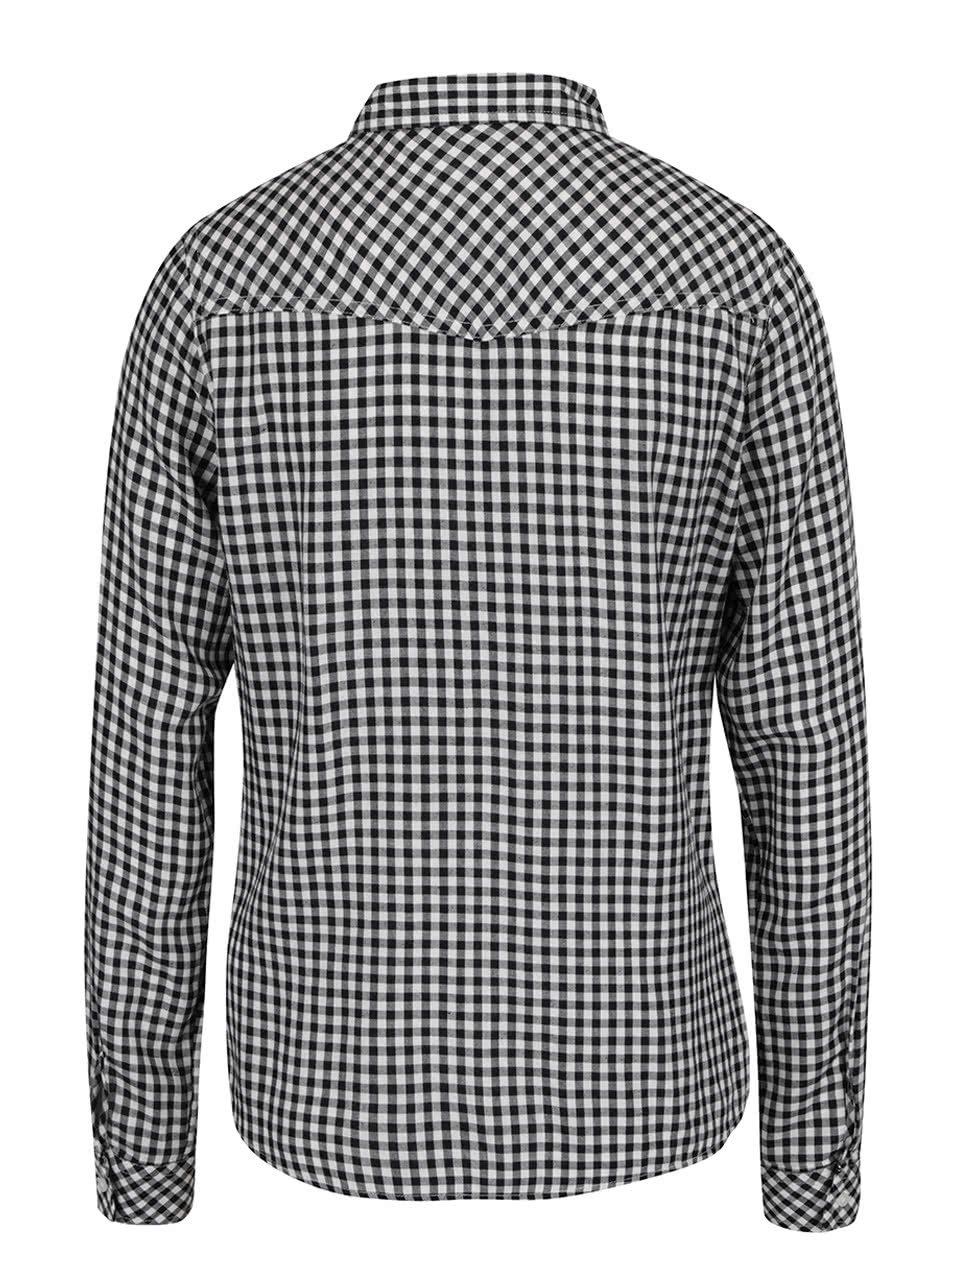 affc867564a3 Čierno-biela kockovaná košeľa TALLY WEiJL ...